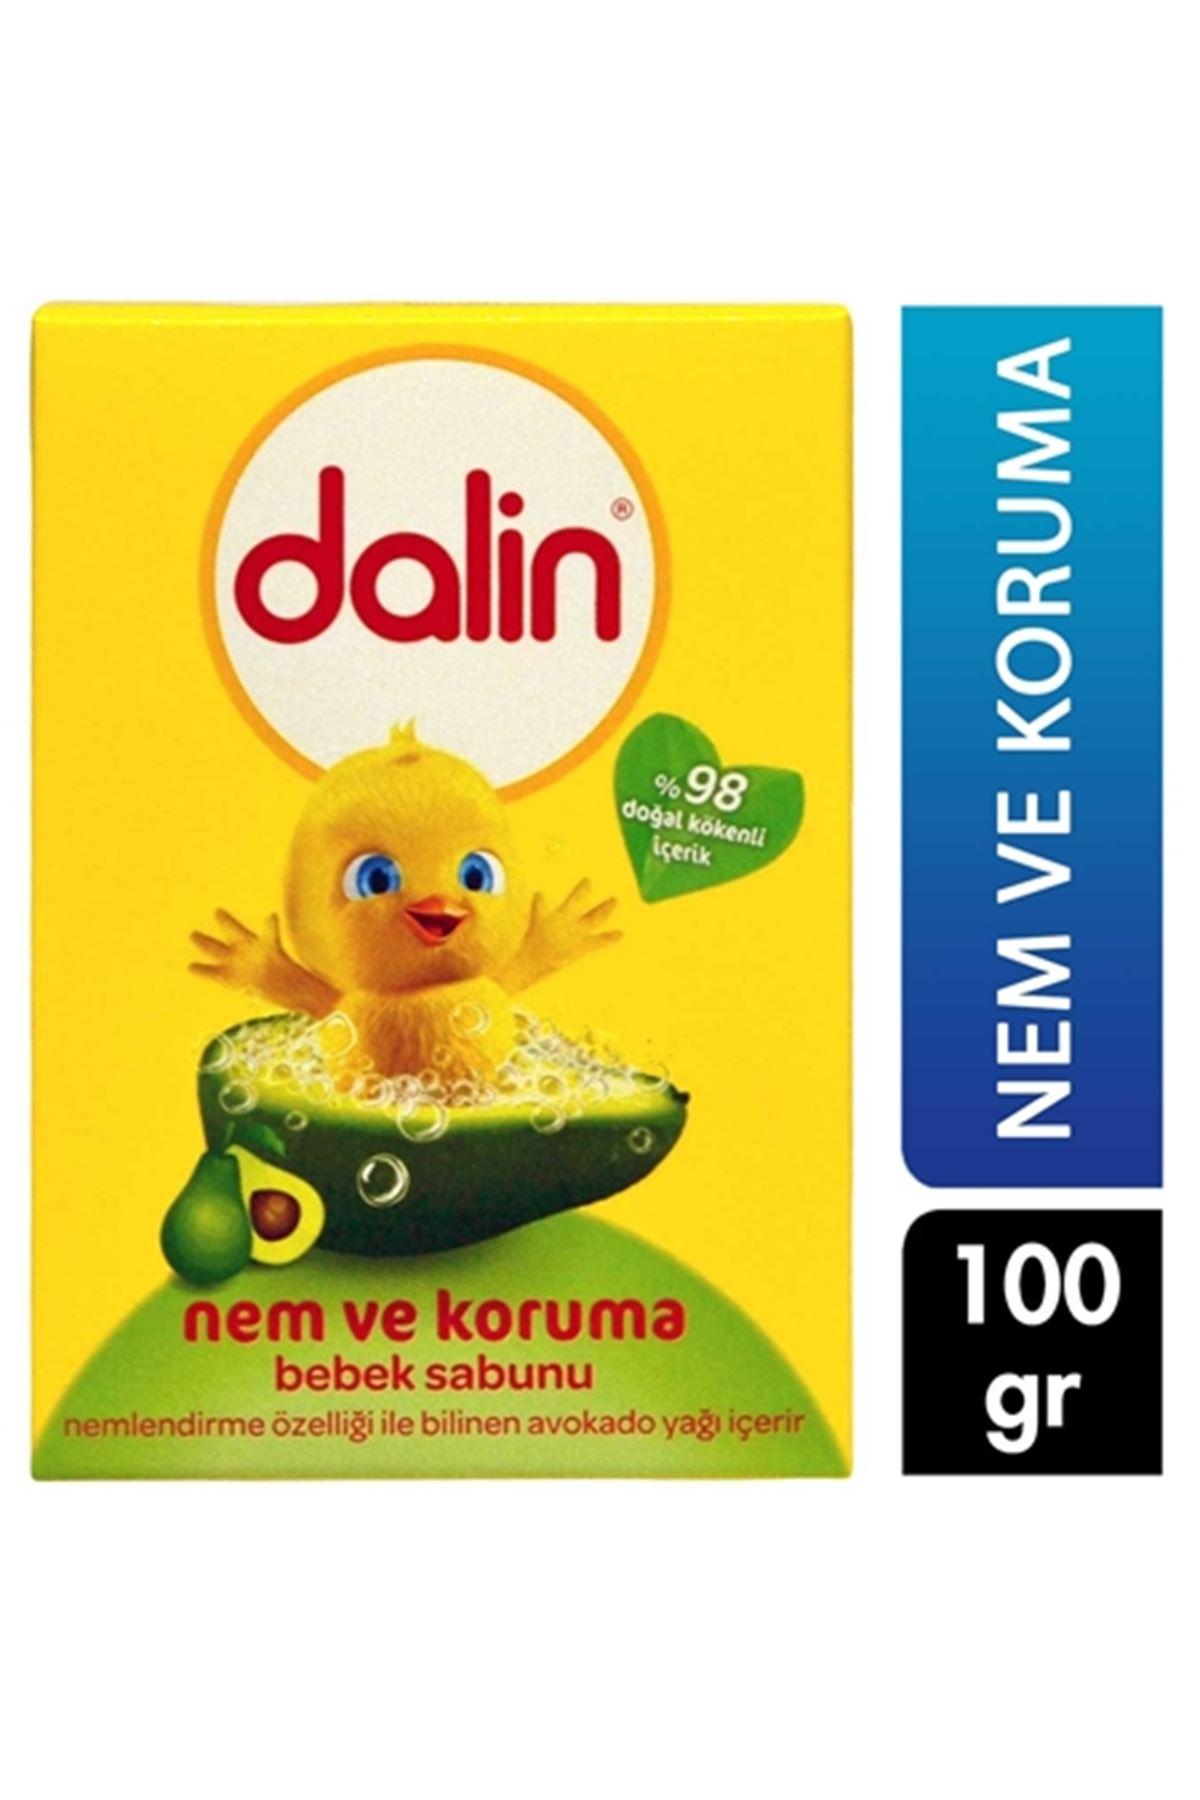 Dalin Nem Ve Koruma Avokadolu Bebek Sabunu 100 gr